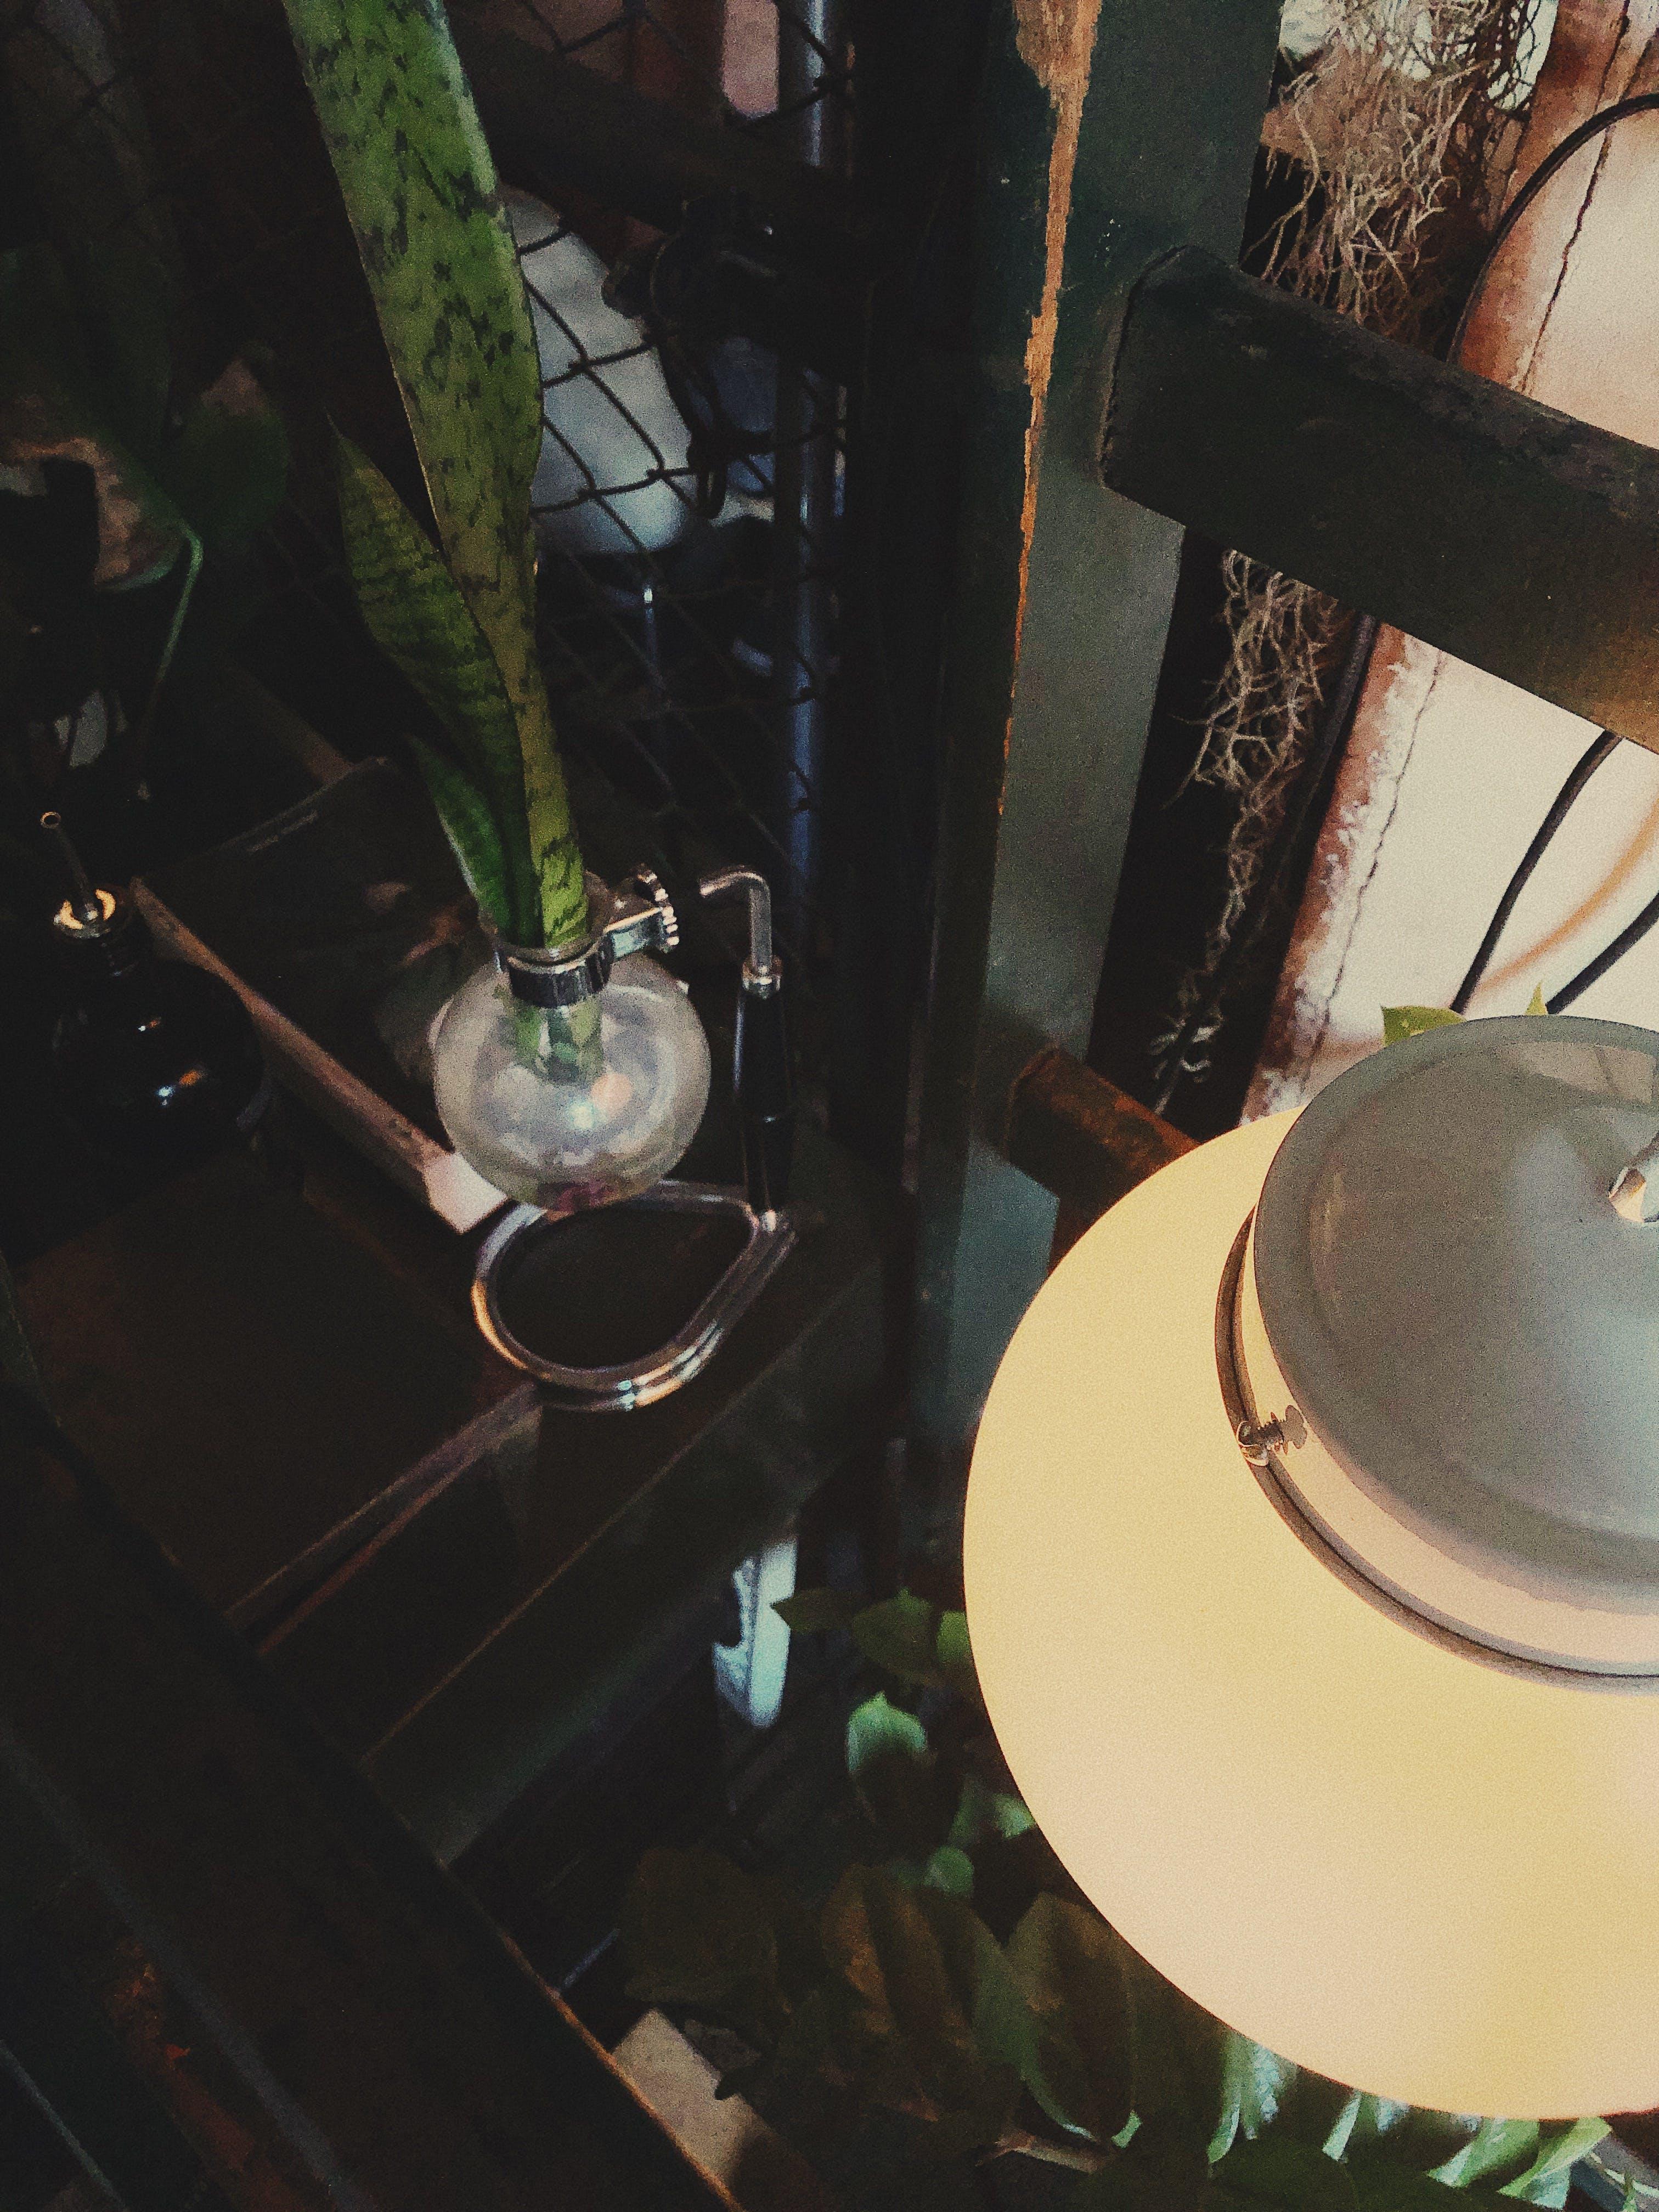 Fotos de stock gratuitas de adentro, contenedor, cristal, cuerda de cáñamo de la víbora